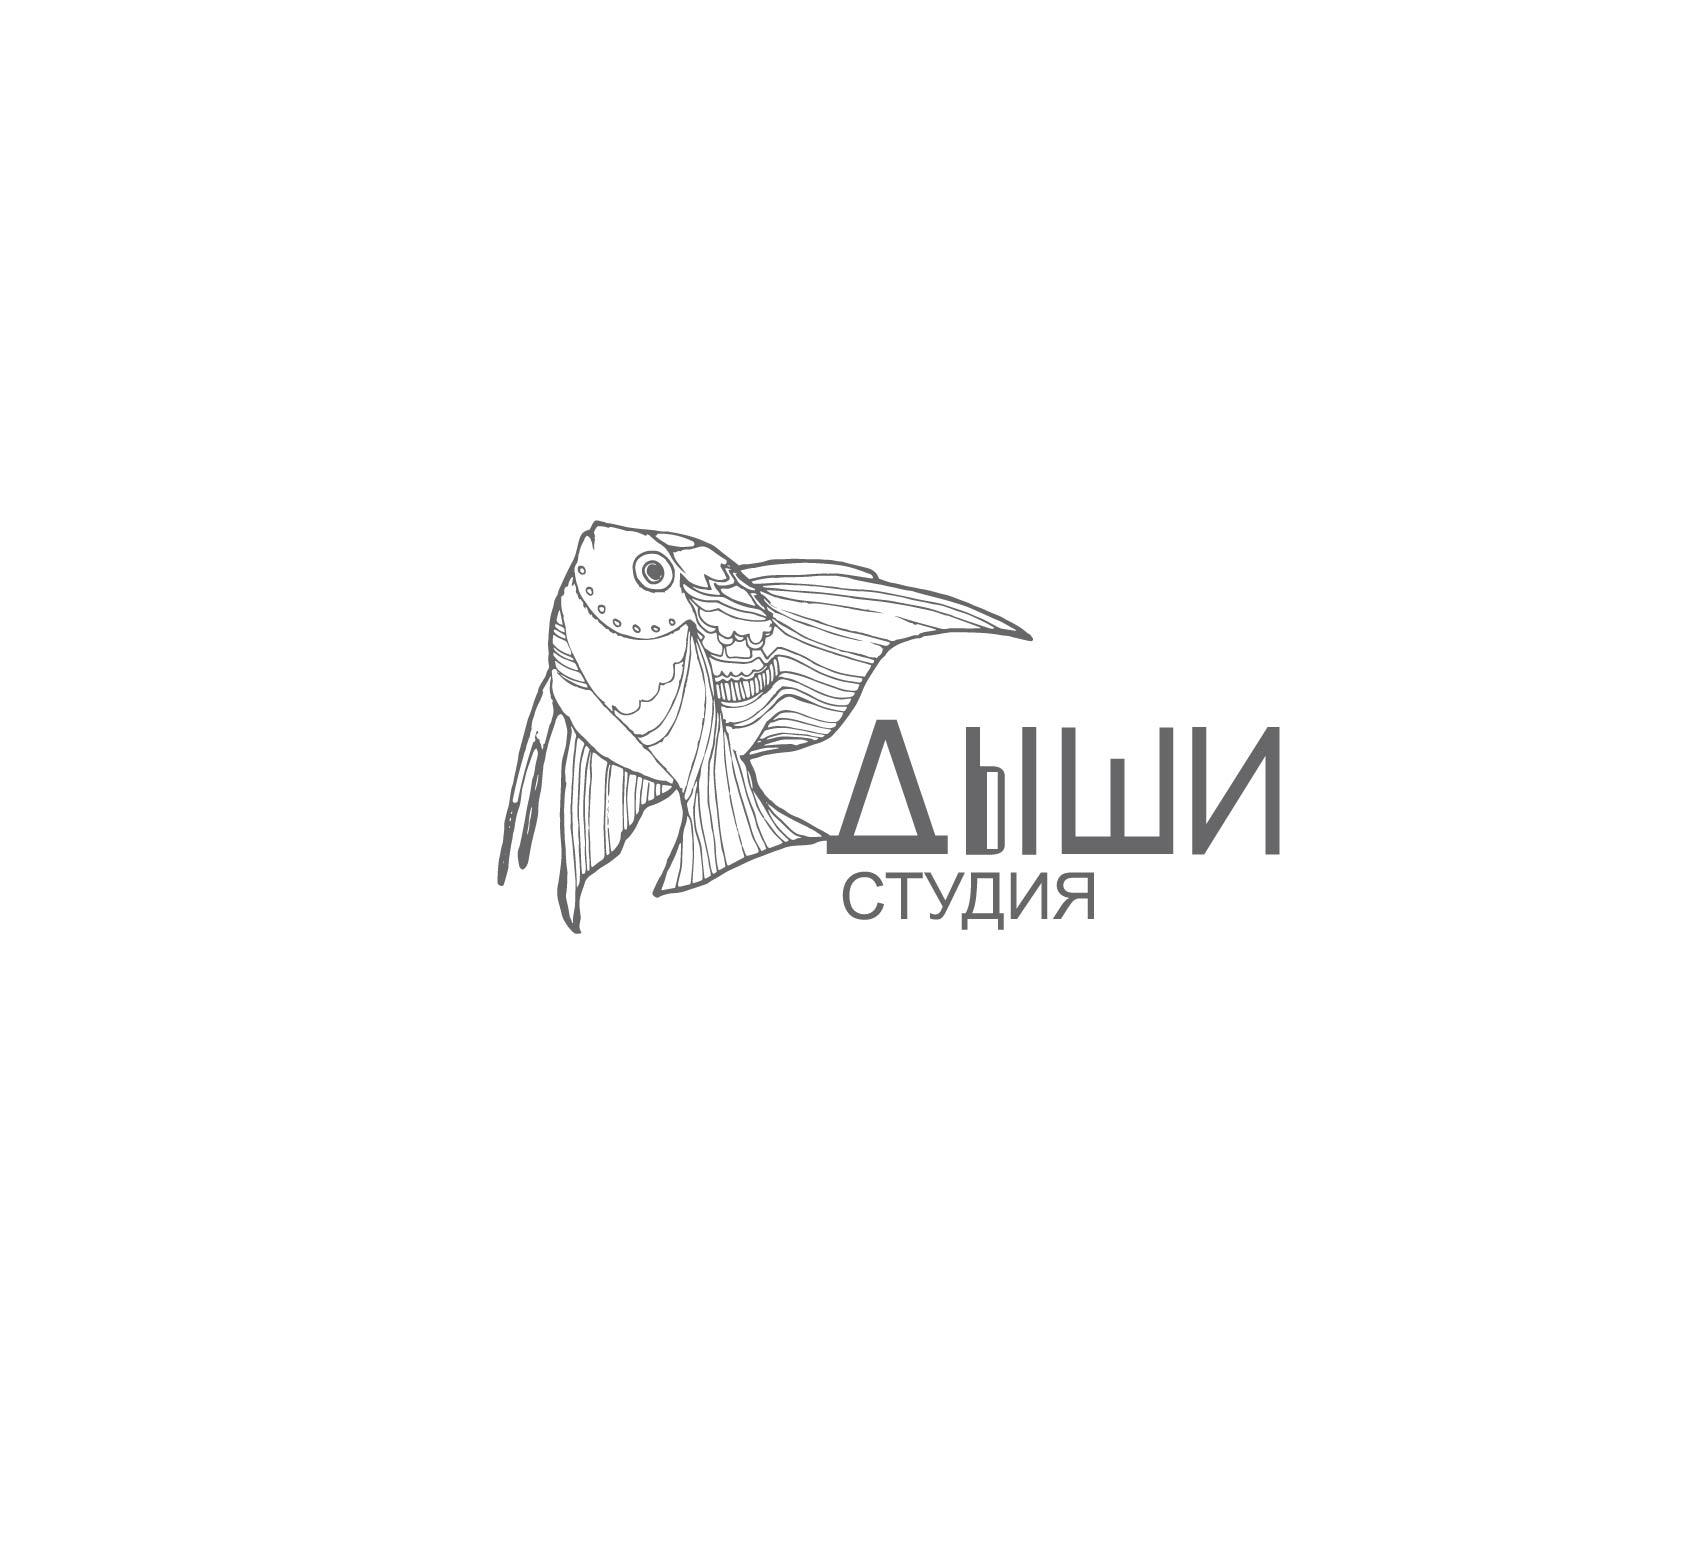 """Логотип для студии """"Дыши""""  и фирменный стиль фото f_81056fc0c5c83976.jpg"""